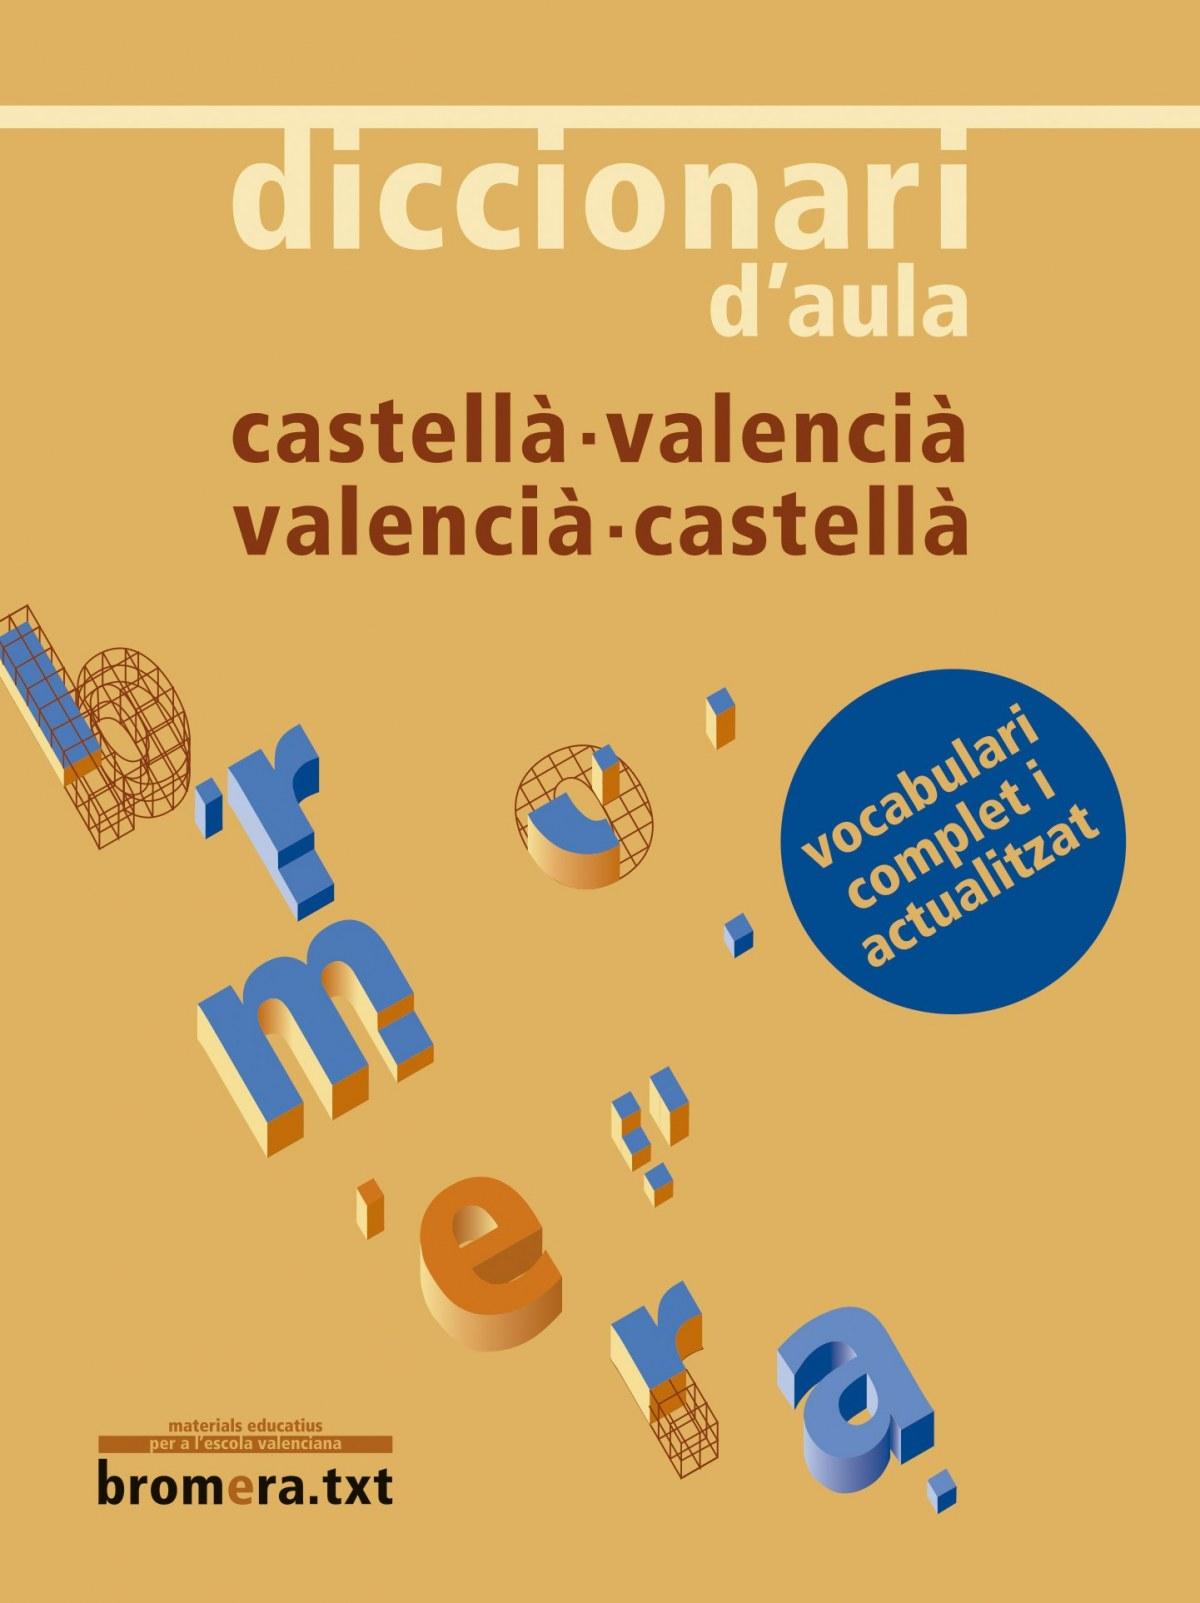 Diccionari d aula castellà - valencià / valencià - castellà 978849824100